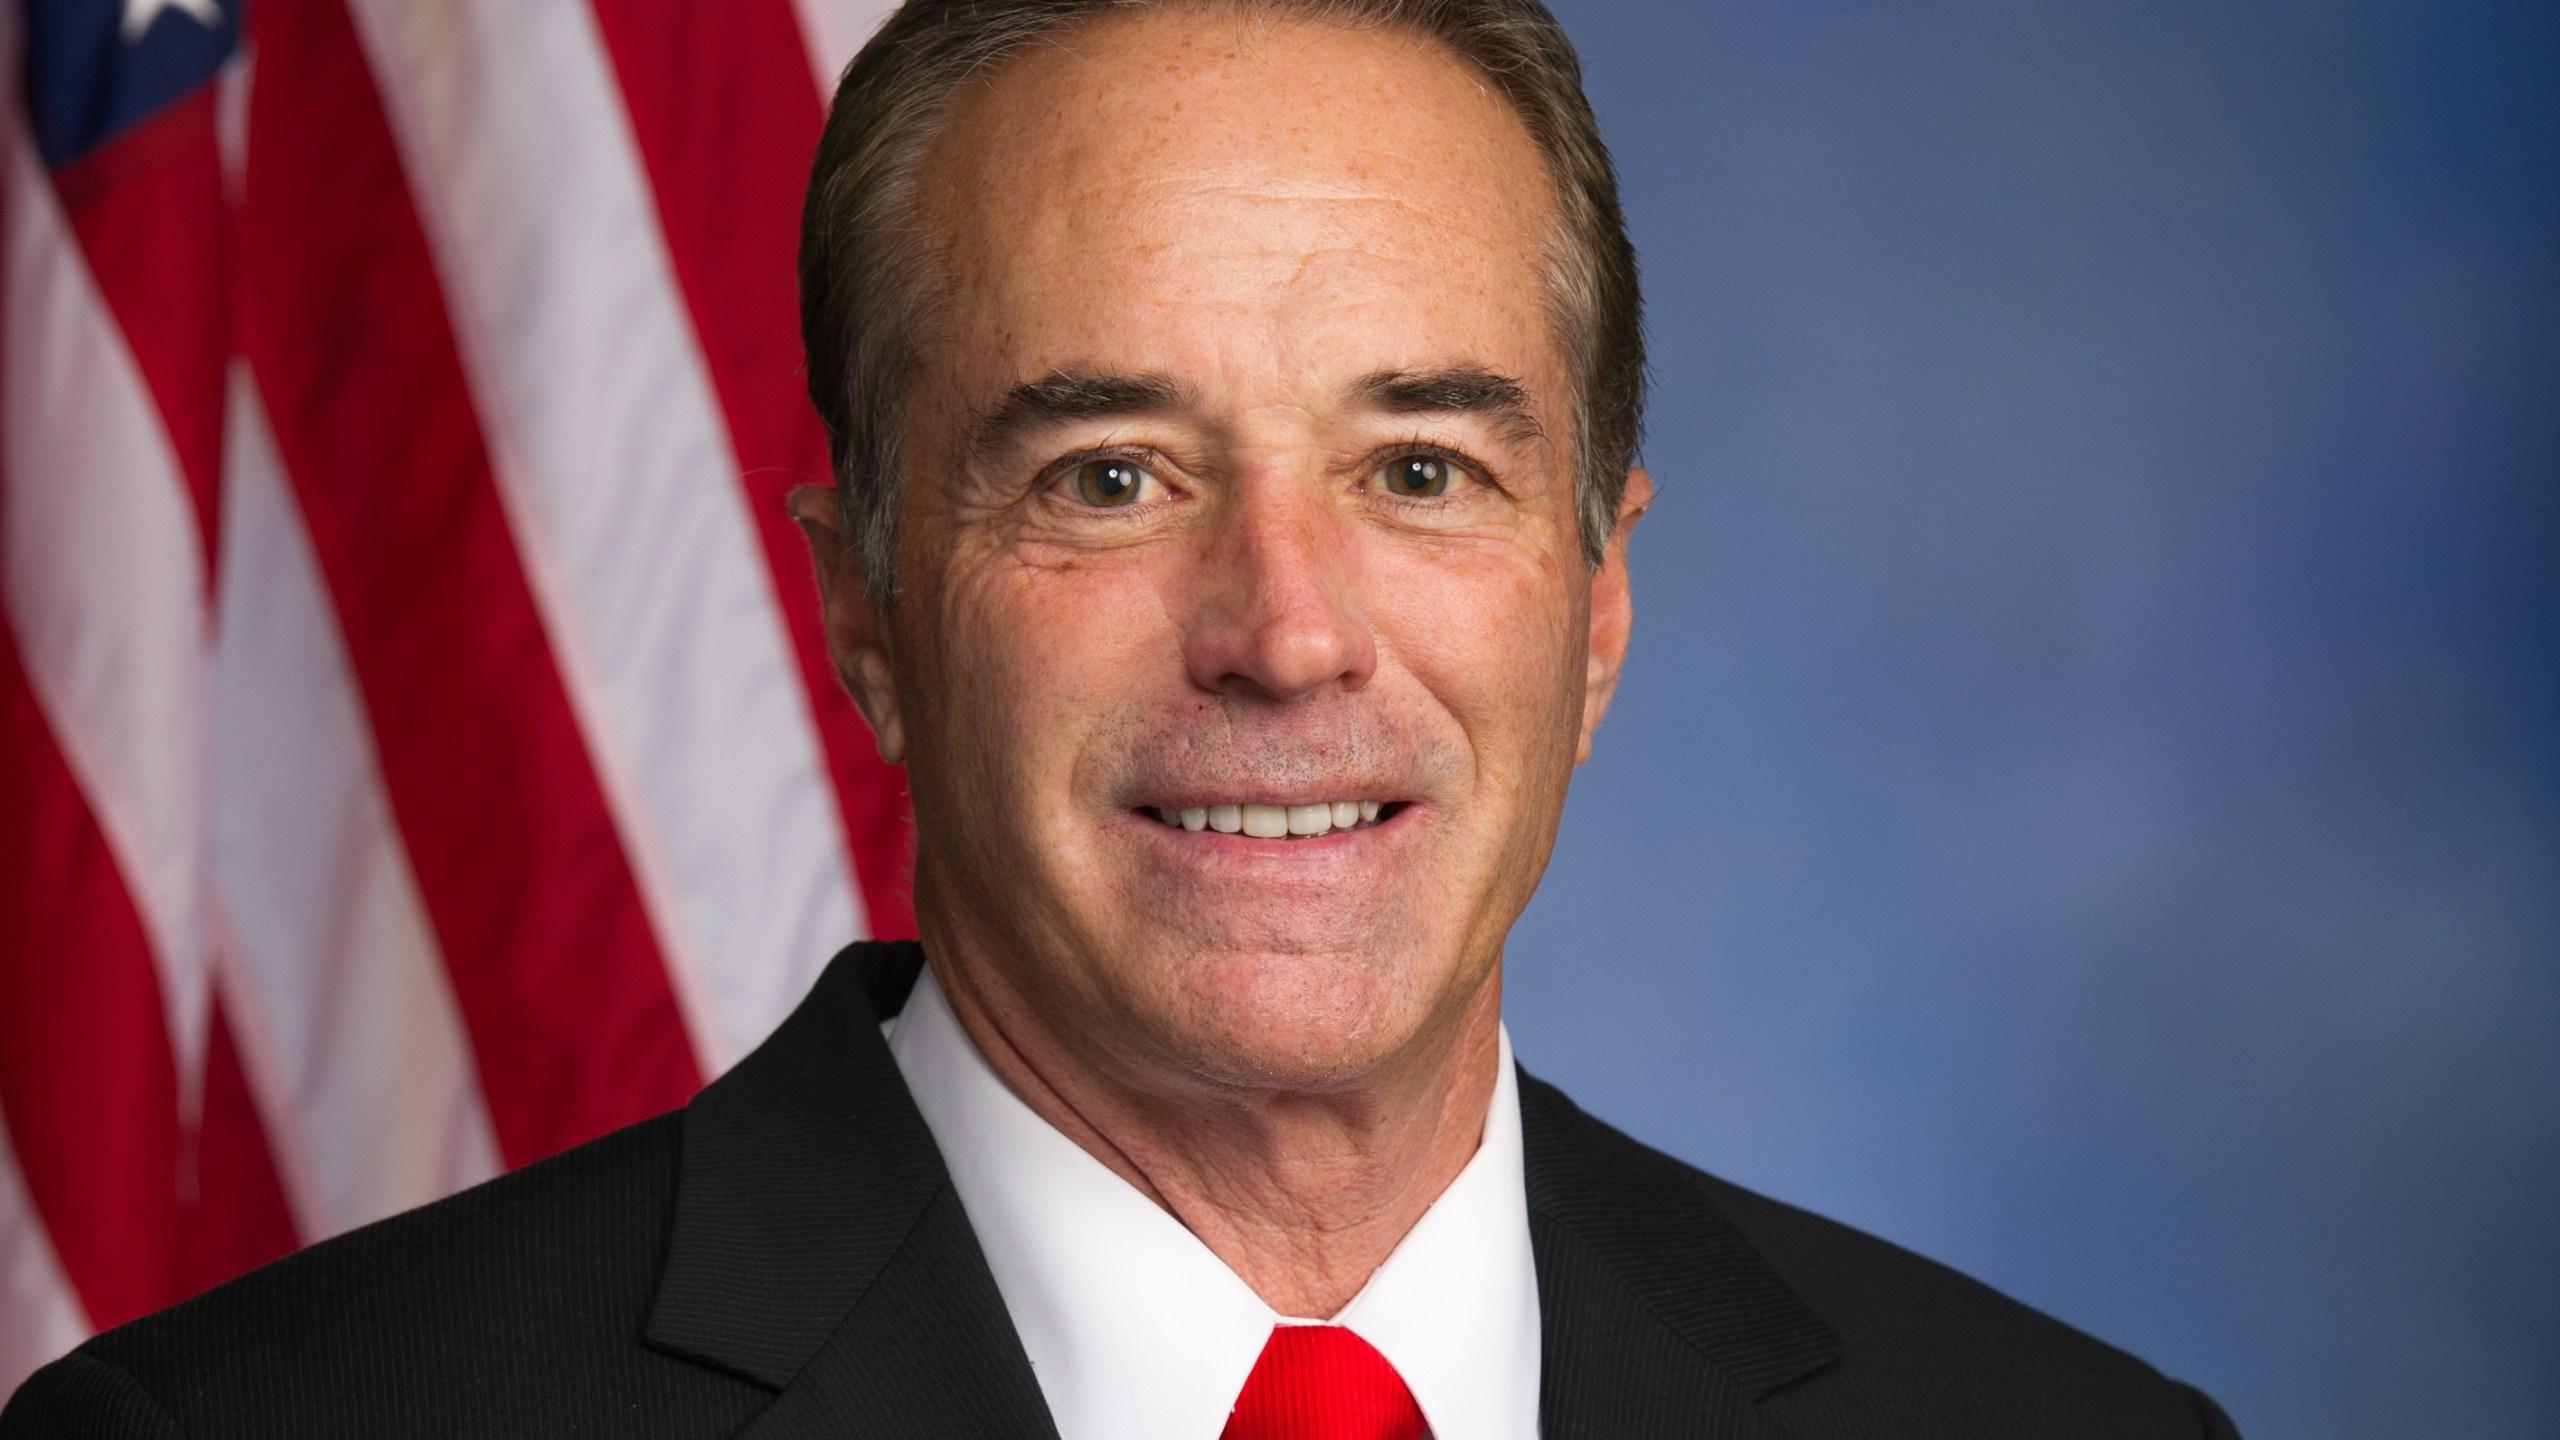 Chris_Collins,_Official_Portrait,_113th_Congress_1507848264524-159532-159532.jpg49762177